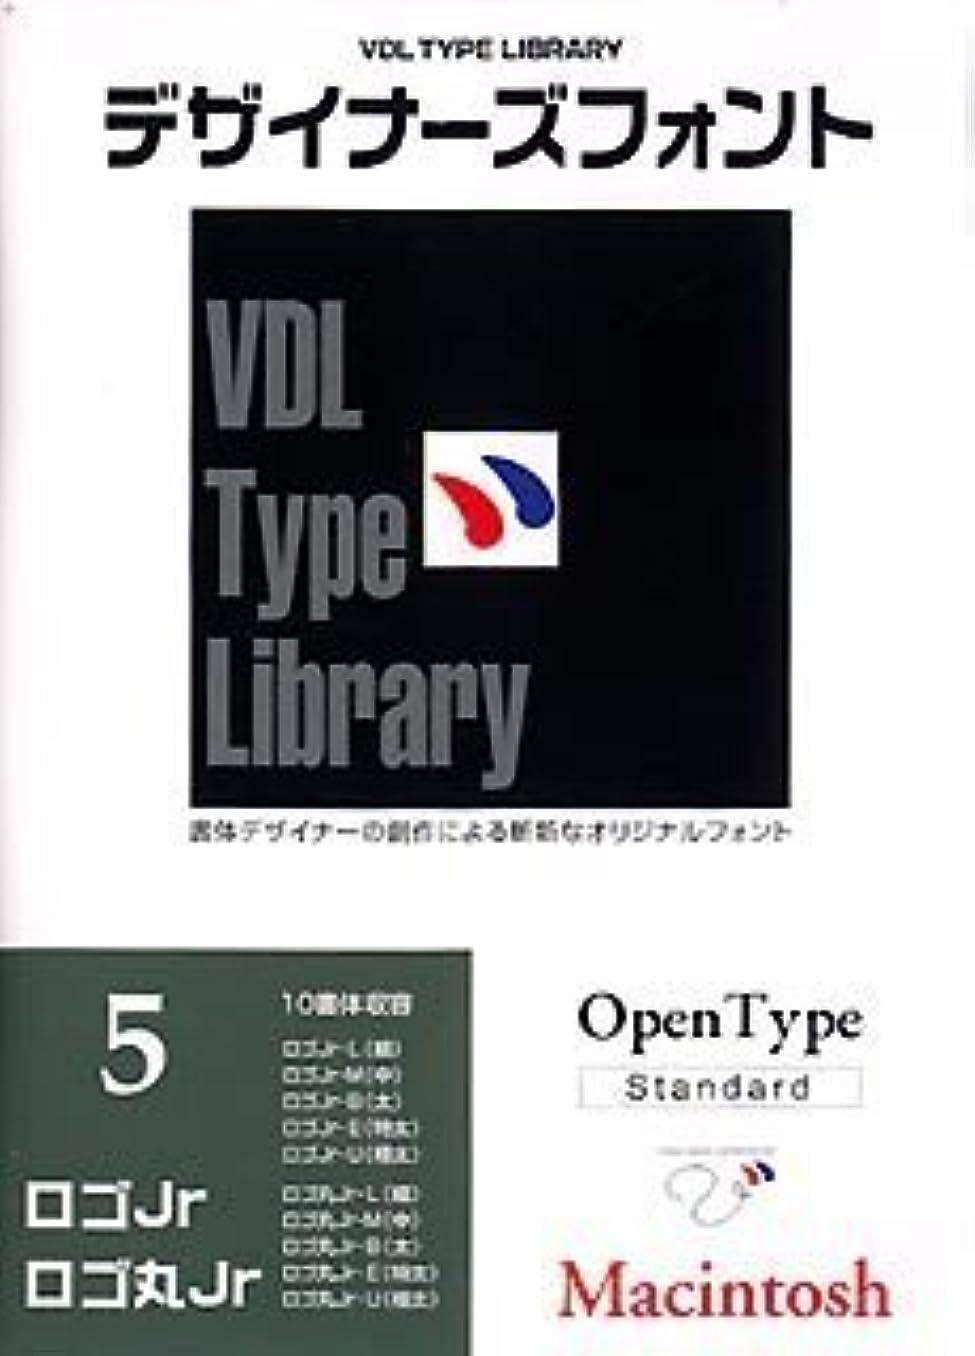 失失礼バレルVDL Type Library デザイナーズフォント OpenType (Standard) Macintosh Vol.5 ロゴJr/ロゴ丸Jr